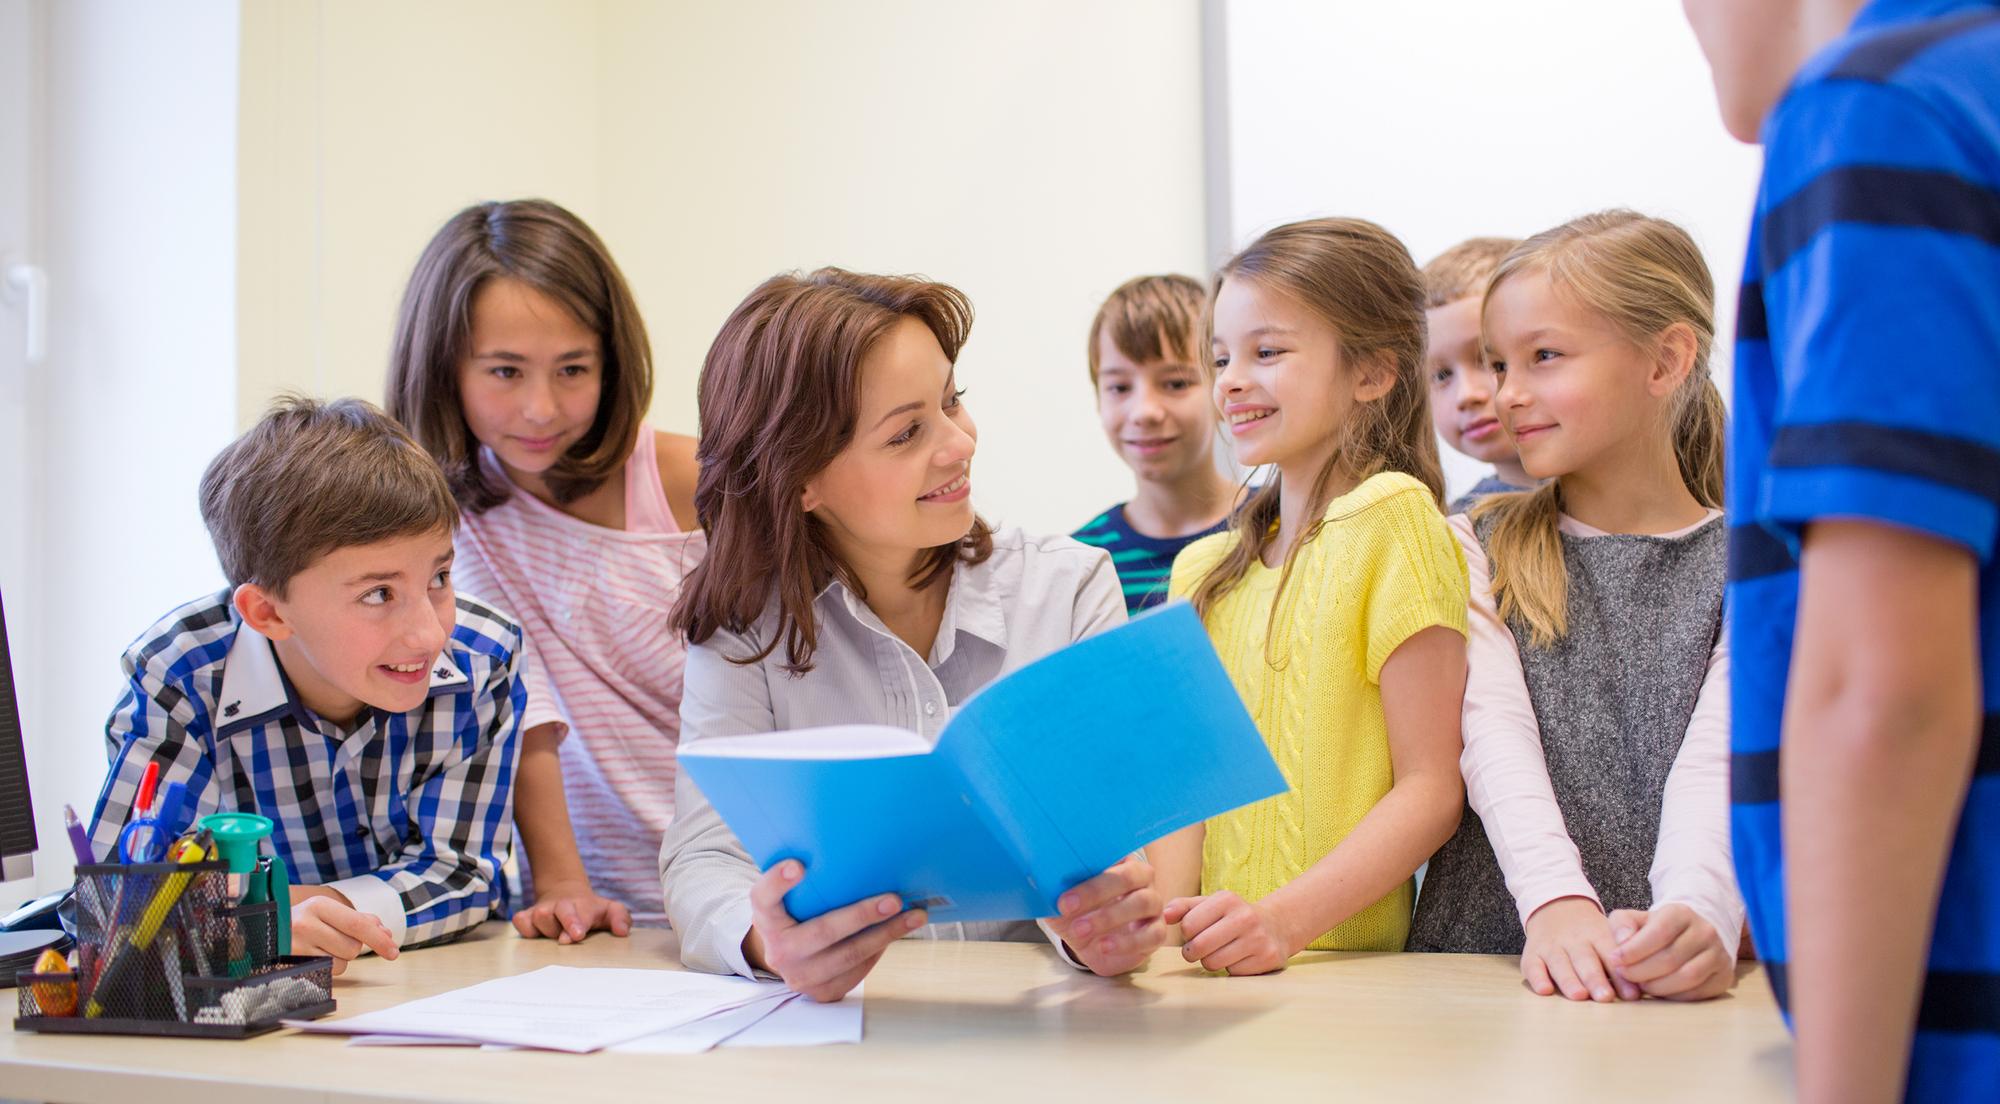 «Заинтересовать учеников совсем несложно. Достаточно любить то, чем занимаешься. Когда дети видят ваш интерес, сами стараются понять, что же там такое увлекательное!»